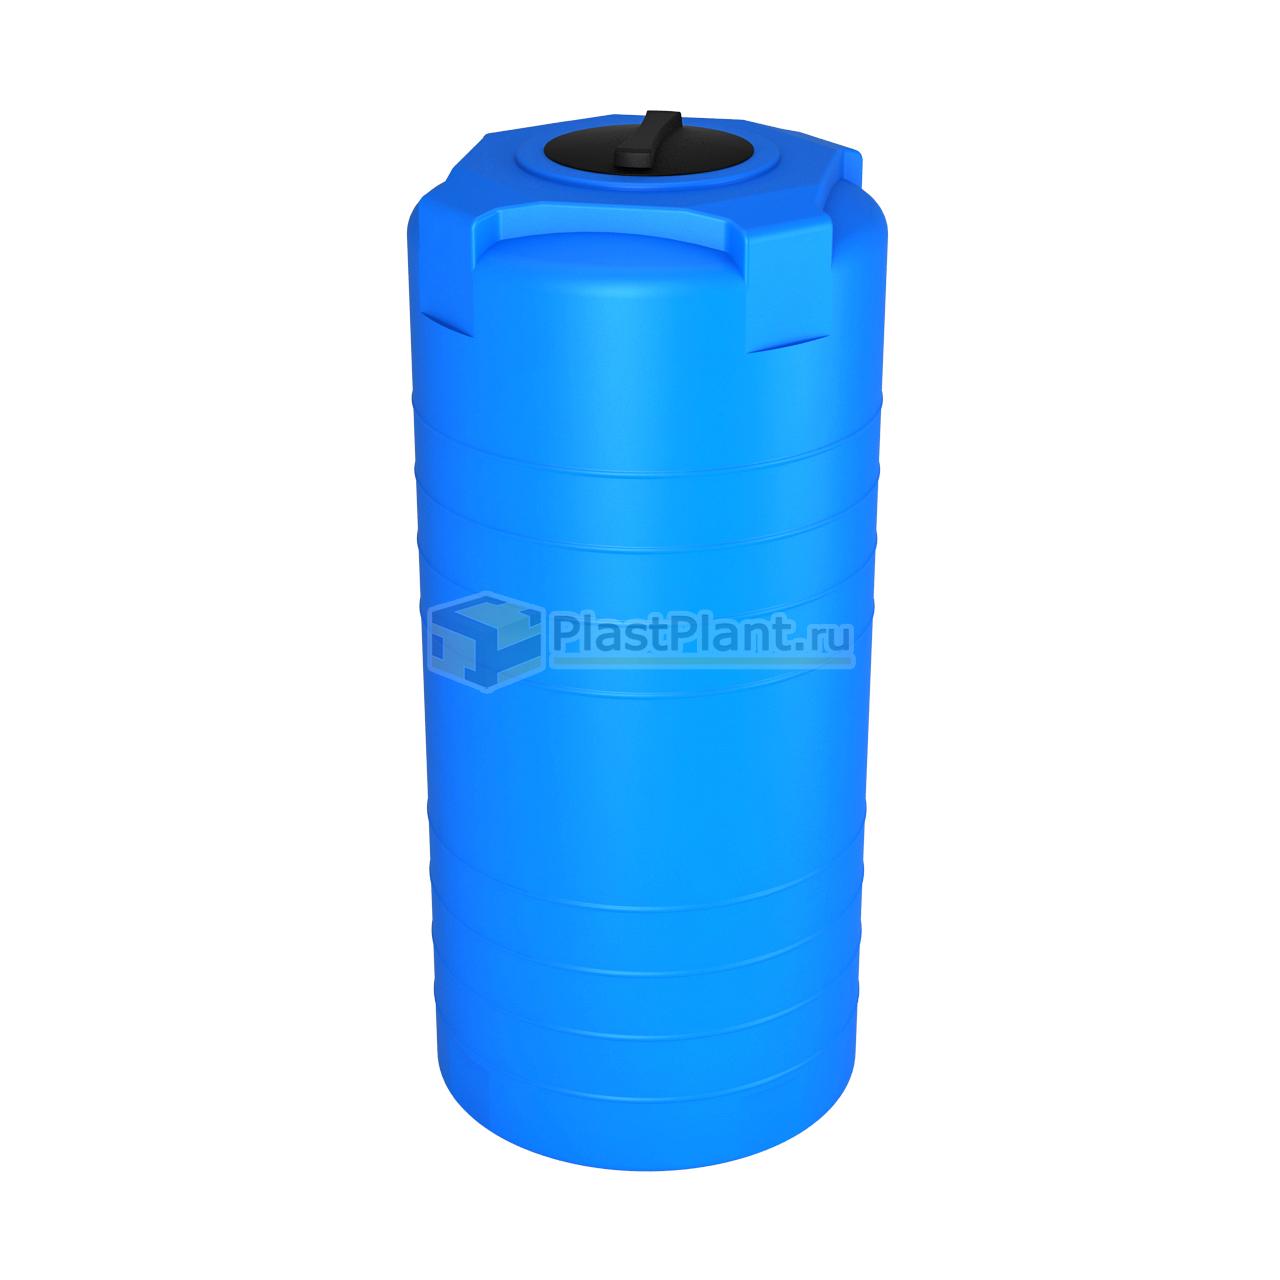 Емкость Т 750 литров (T 750) в компании ПластПлэнт